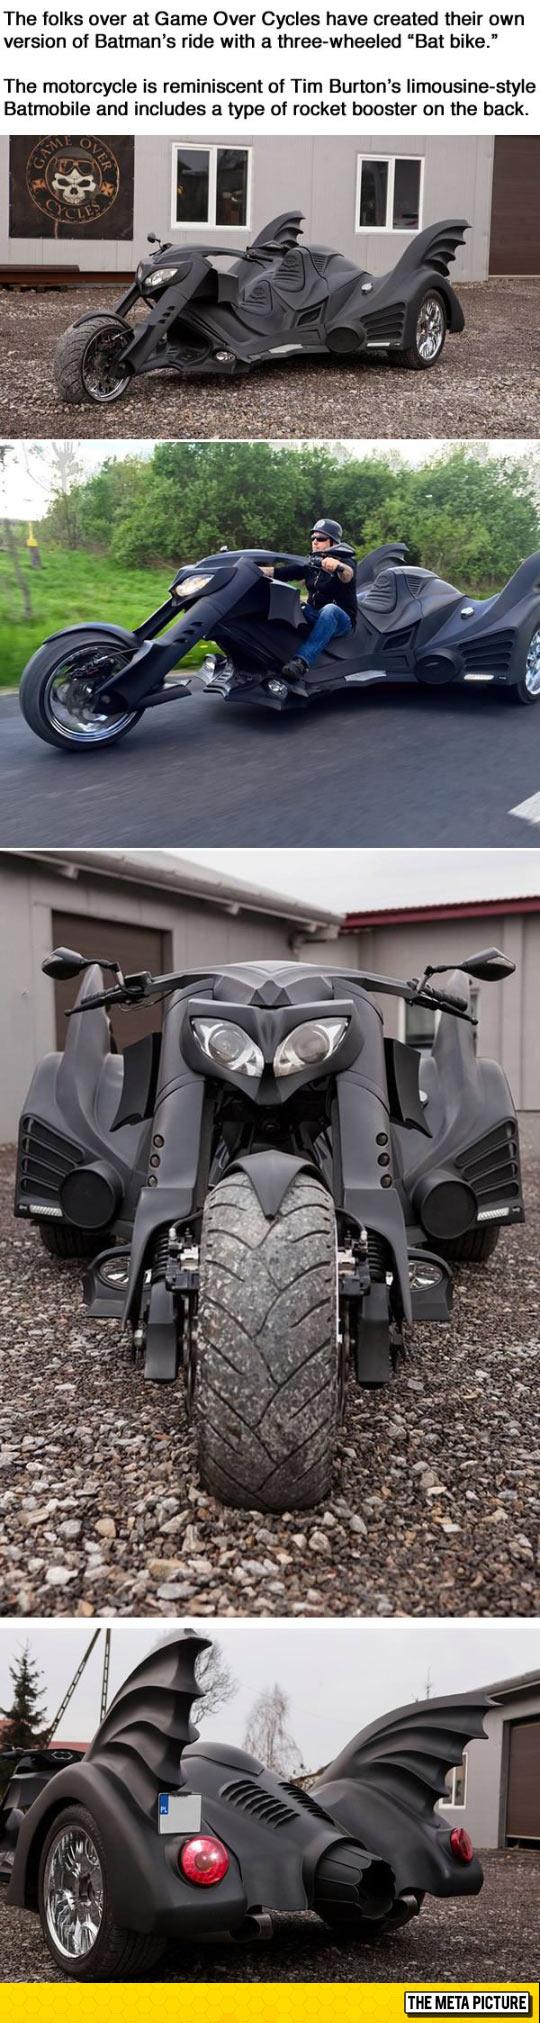 Three-Wheeled Bat-Bike